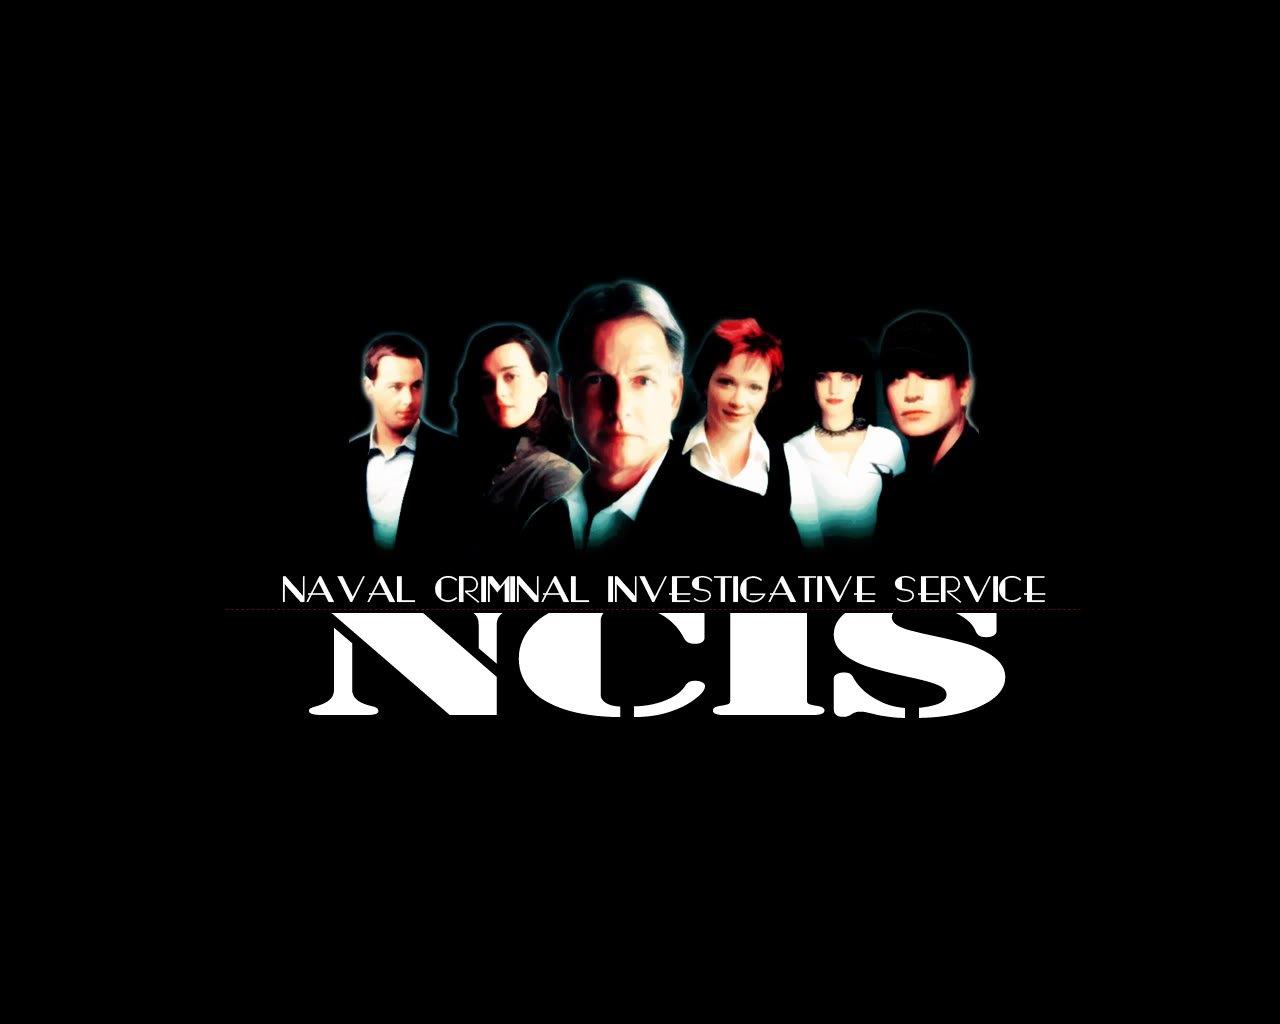 ncis icons gibbs - photo #33